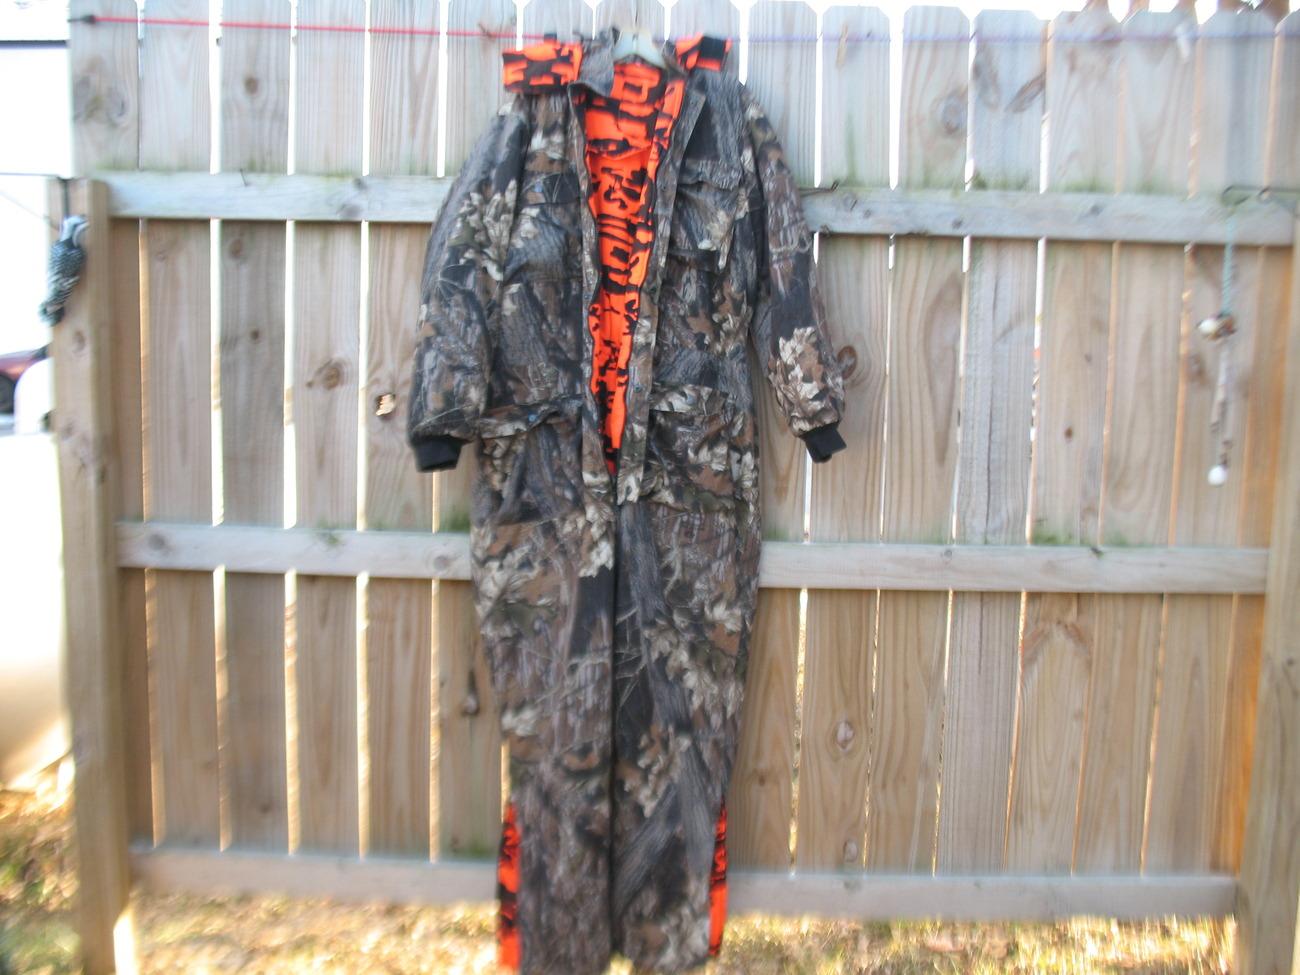 Bushmaster Camo Blaze Orange Hunting Coveralls Insulated